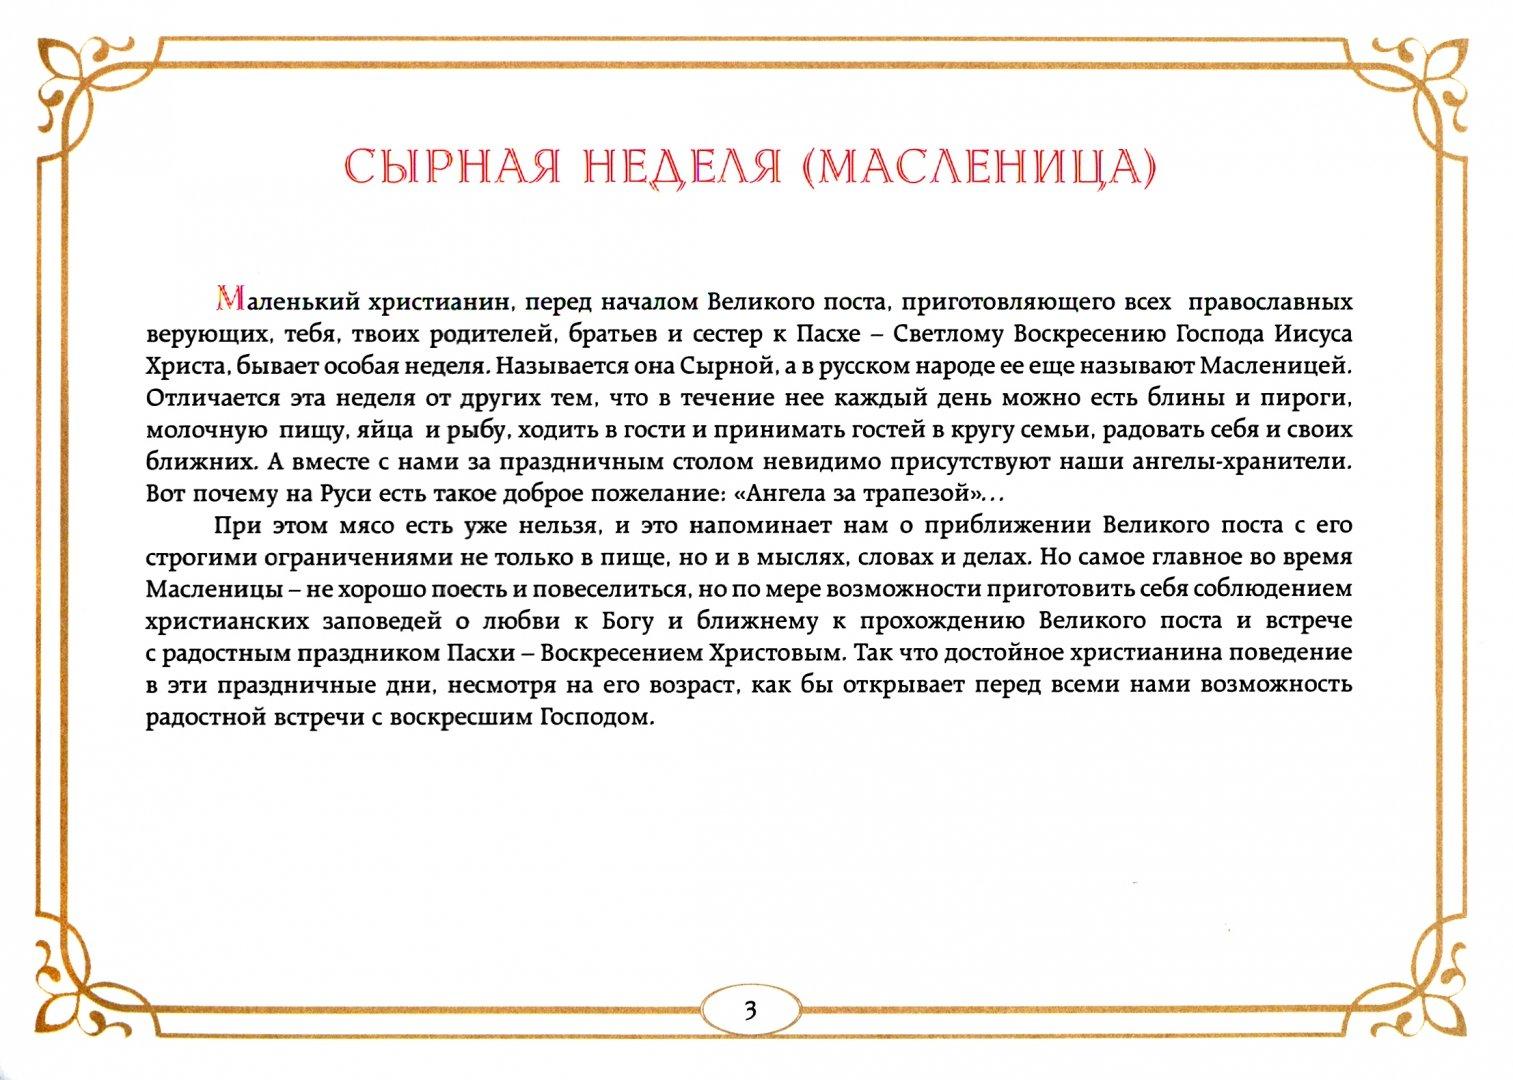 Иллюстрация 1 из 2 для Православные праздники. Весна. Книжка-раскраска - К. Глазков | Лабиринт - книги. Источник: Лабиринт